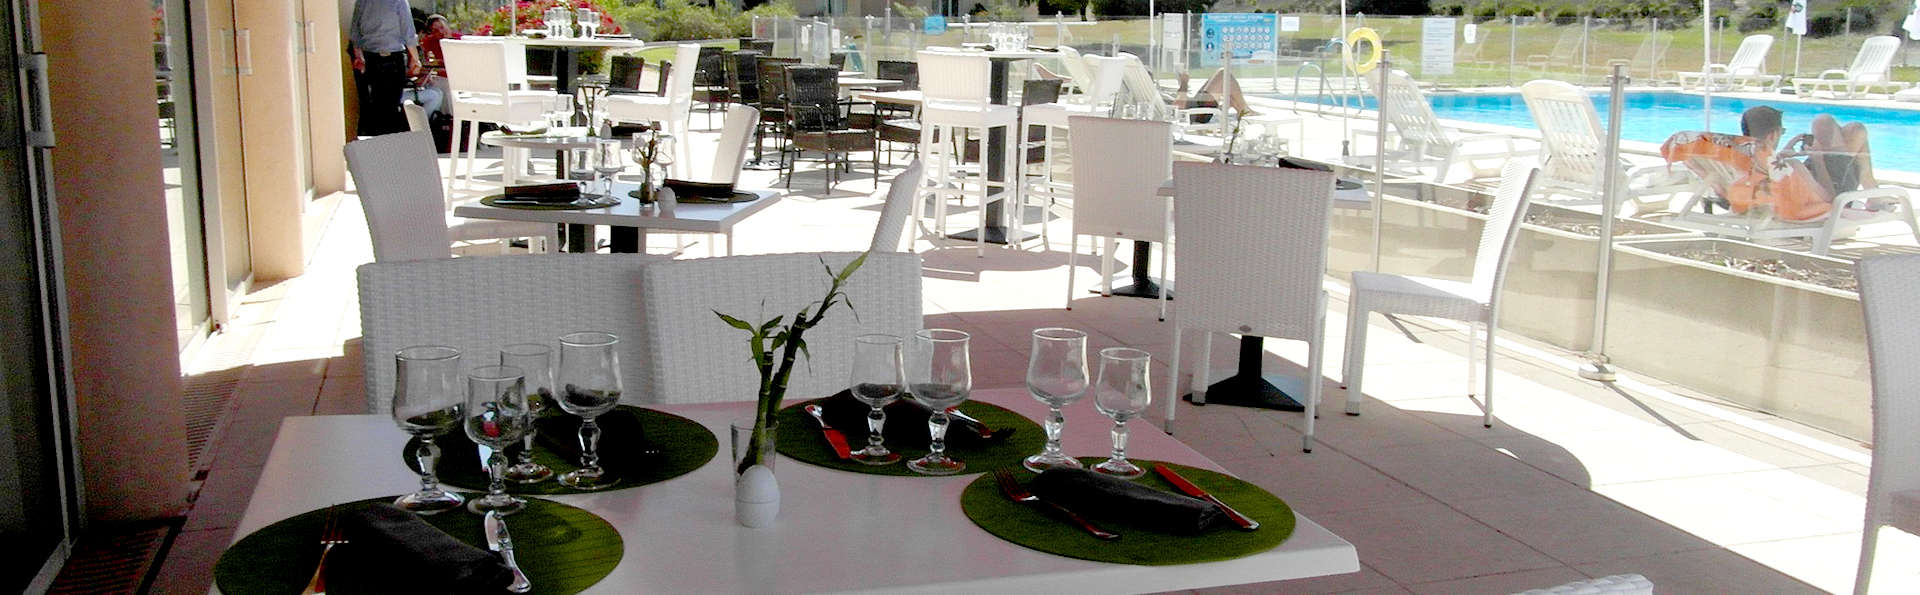 Week-end détente avec dîner à Aix-en-Provence